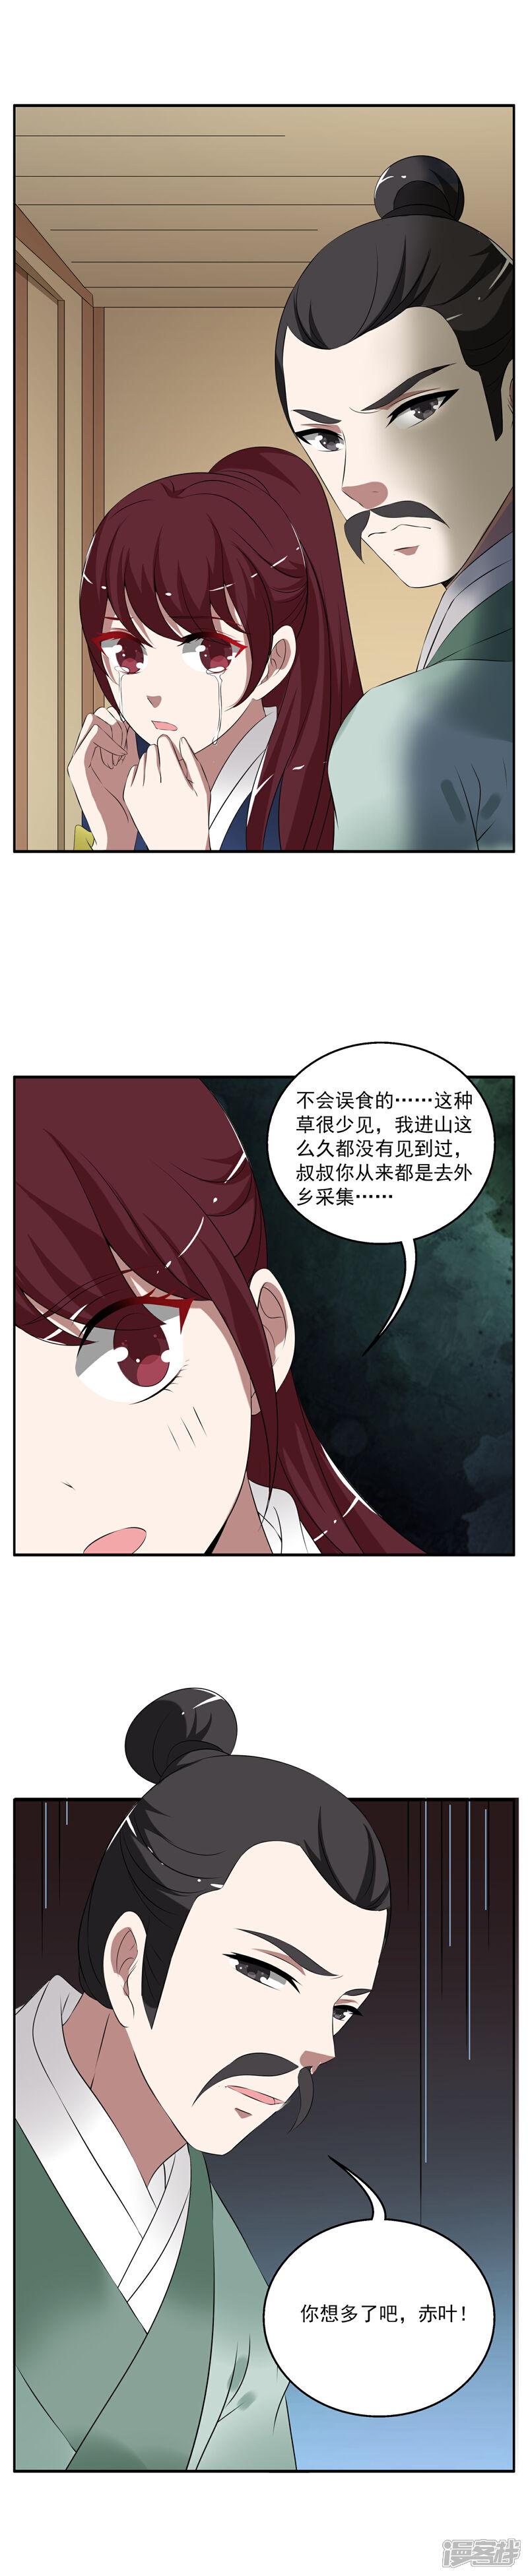 洛小妖185 (6).JPG